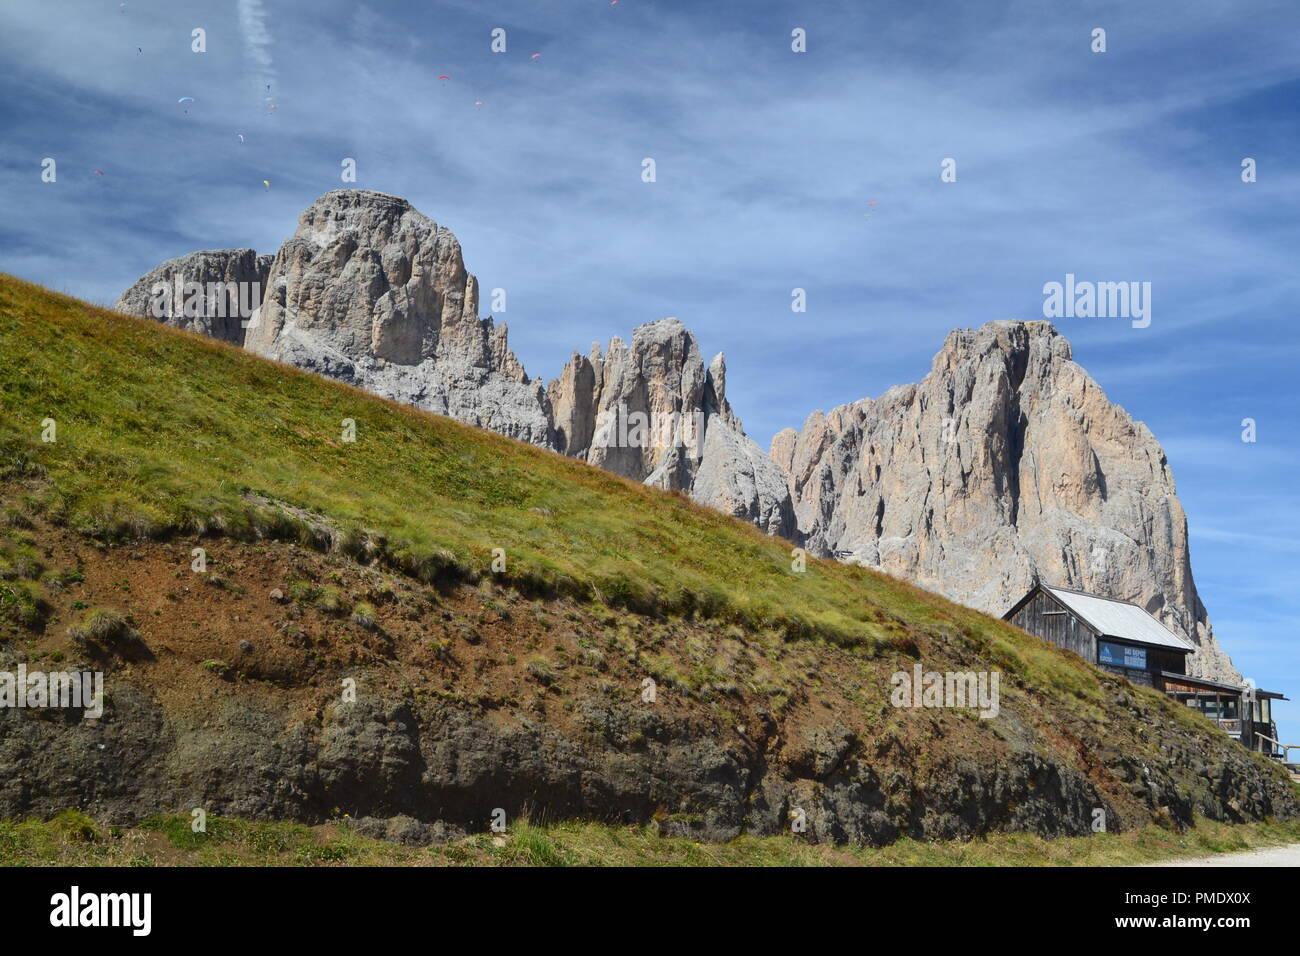 Dolomiti in Col Rodella - Stock Image